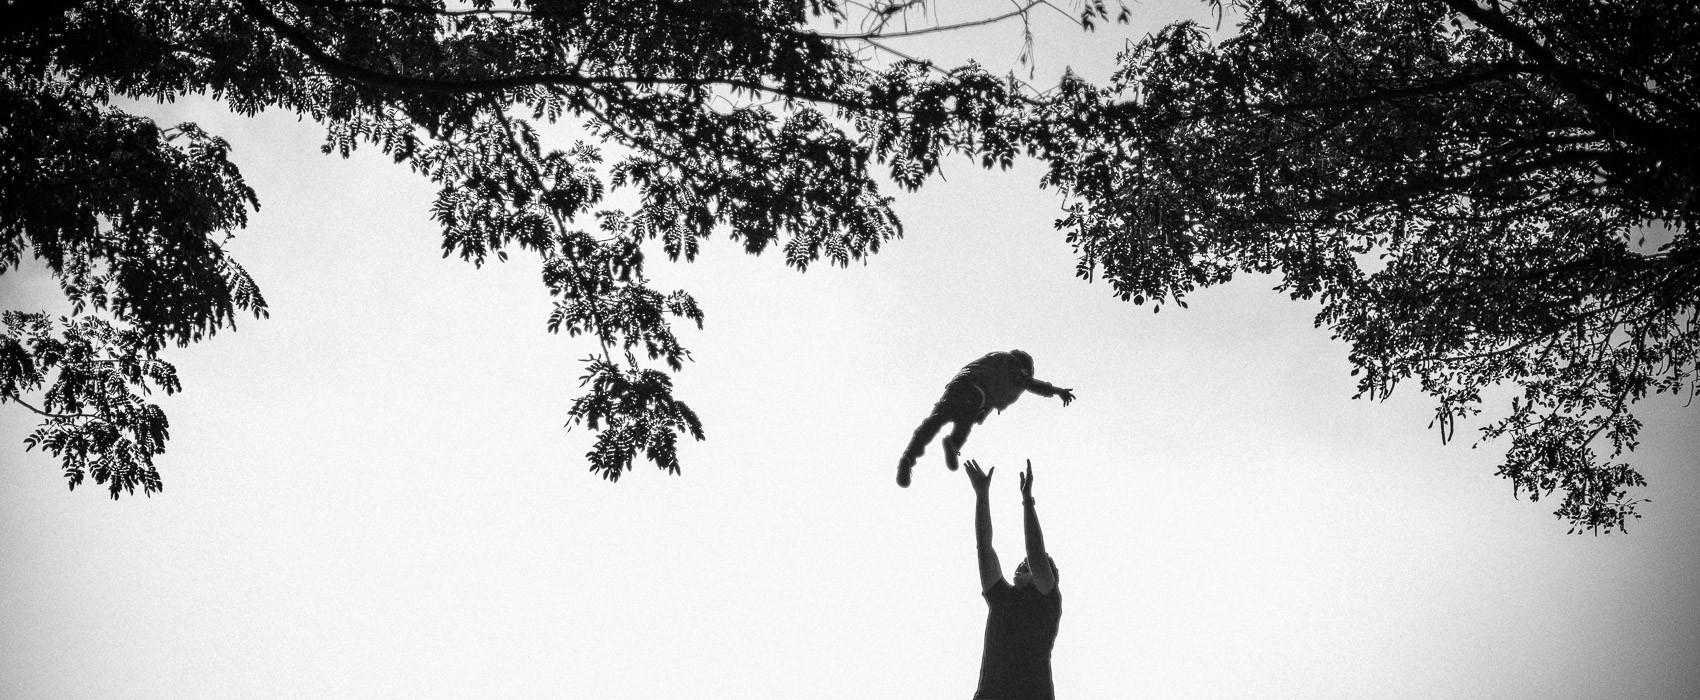 ensaio familia pai e filho fotografo de familia renato dpaula